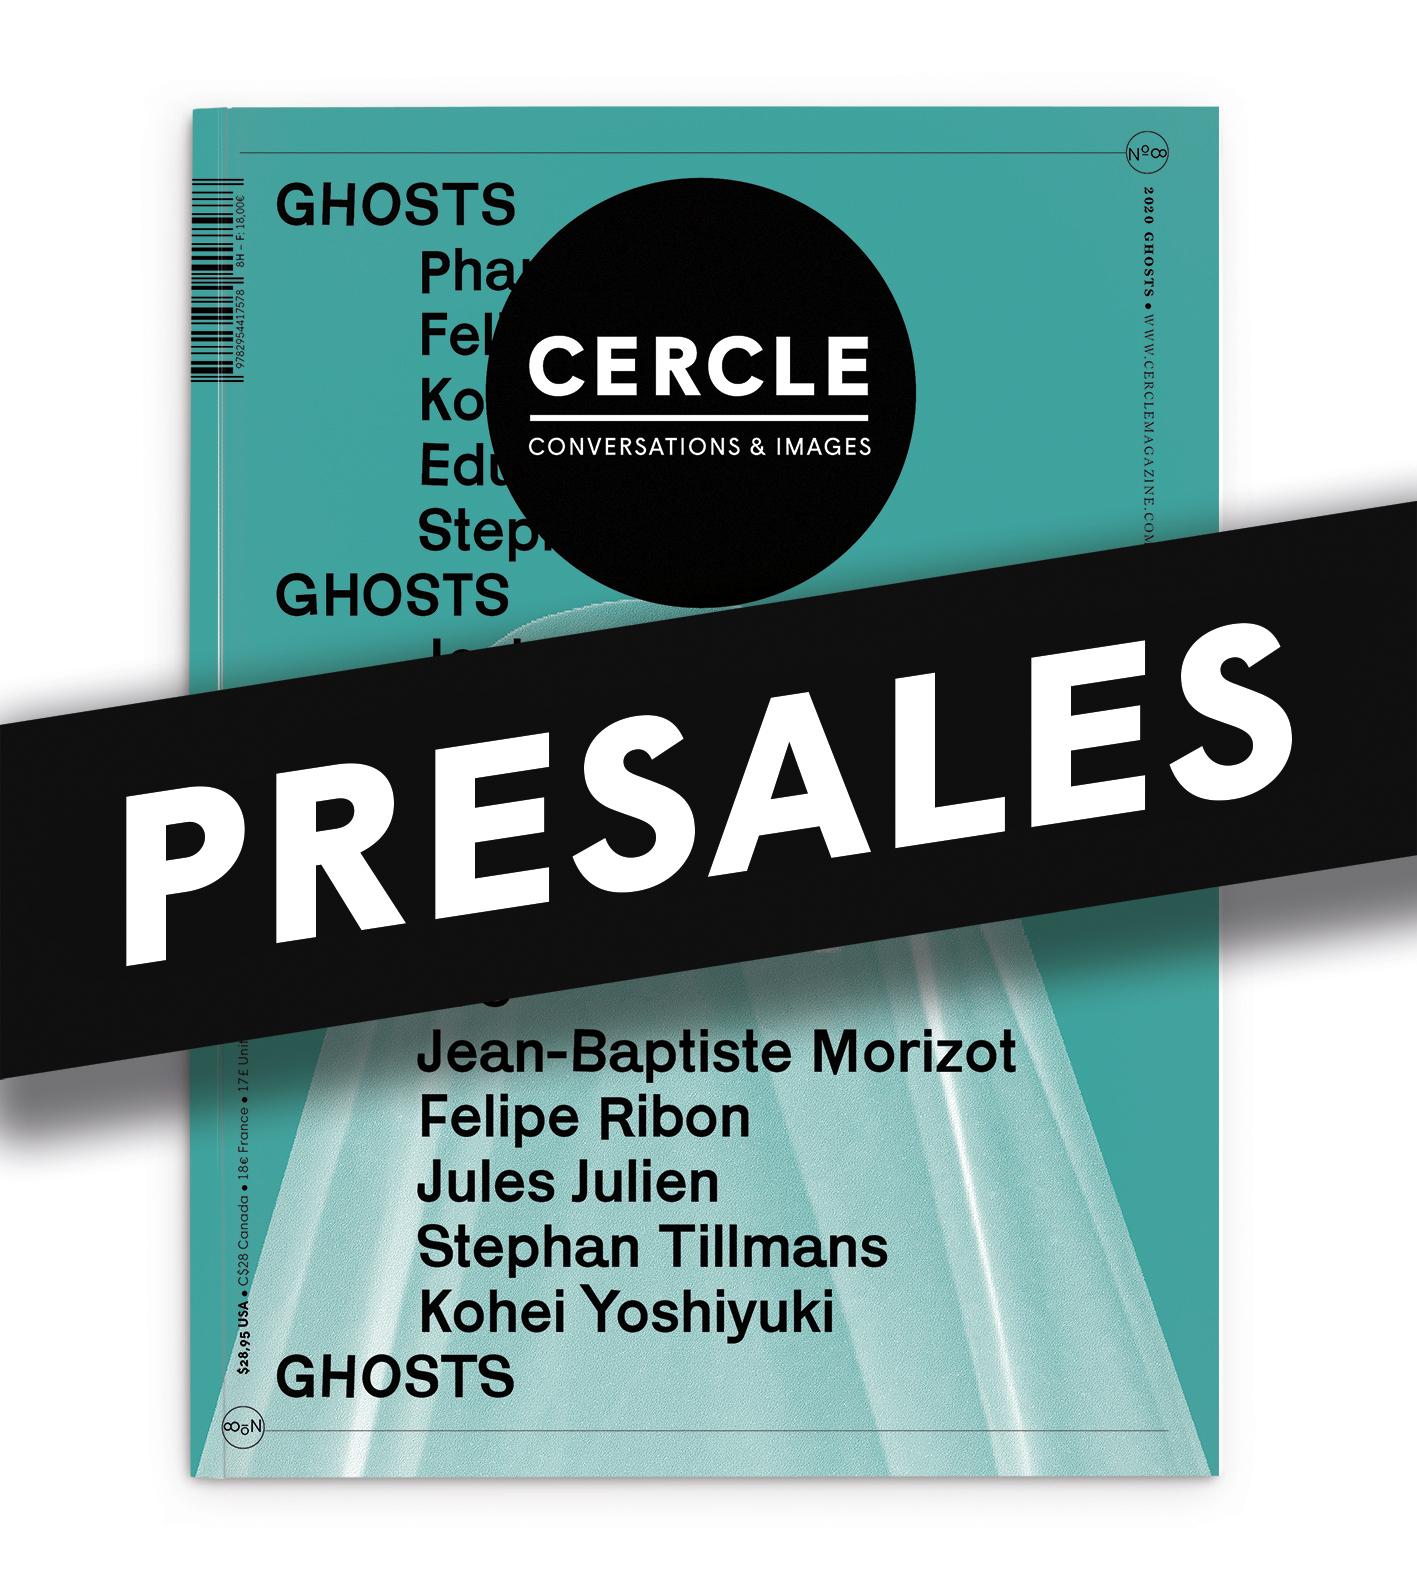 Ghosts_Presales